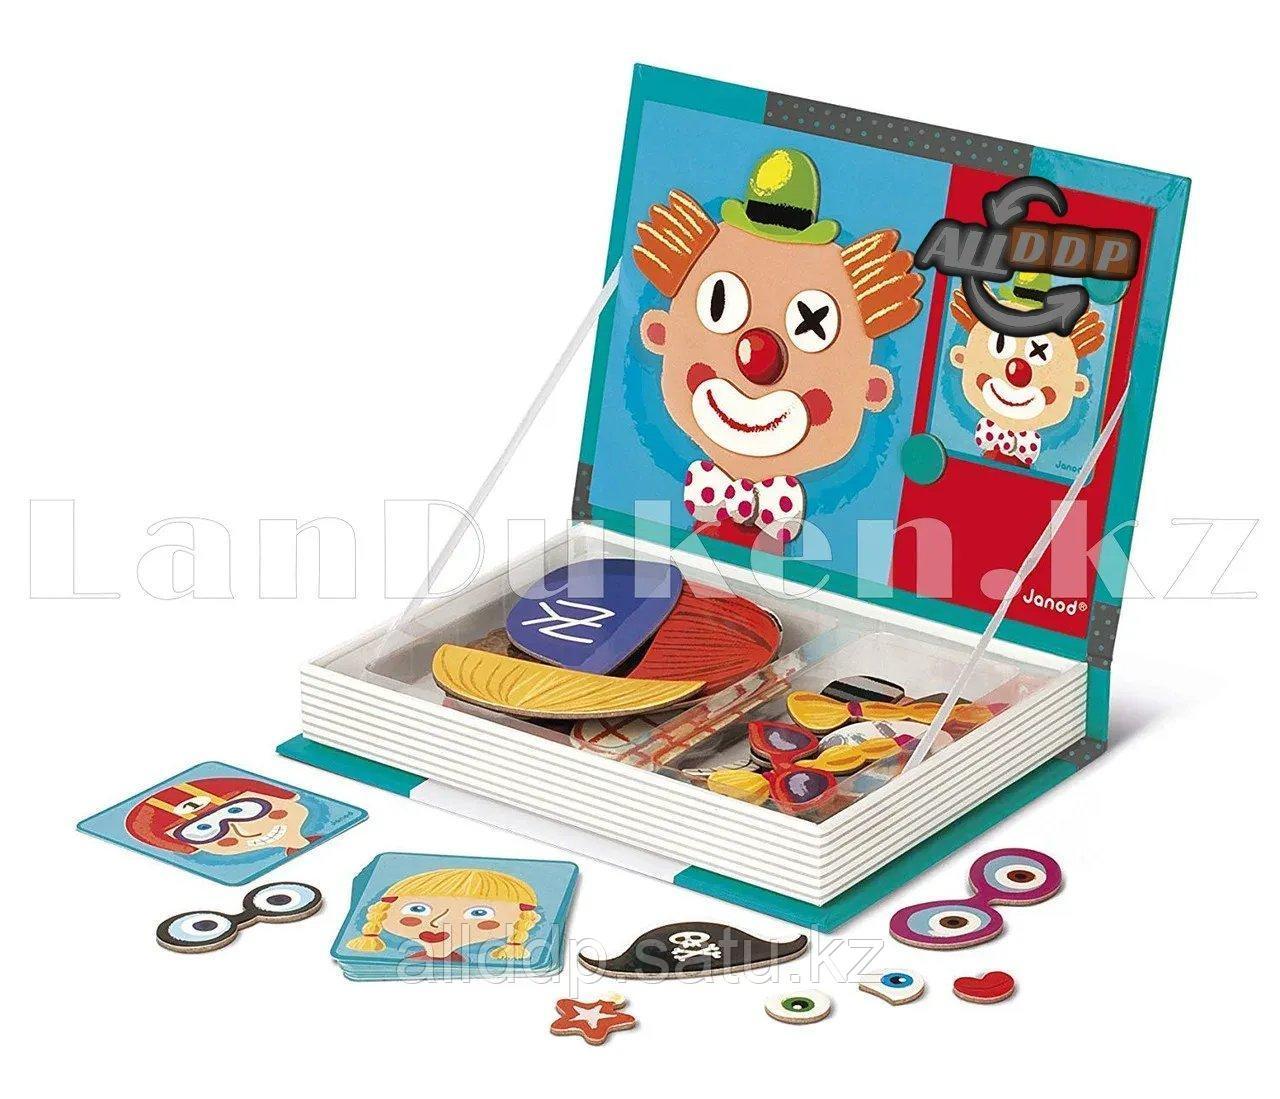 Развивающая игра Забавные лица Магнитная книга конструктор 79 вложений (6807-1) - фото 7